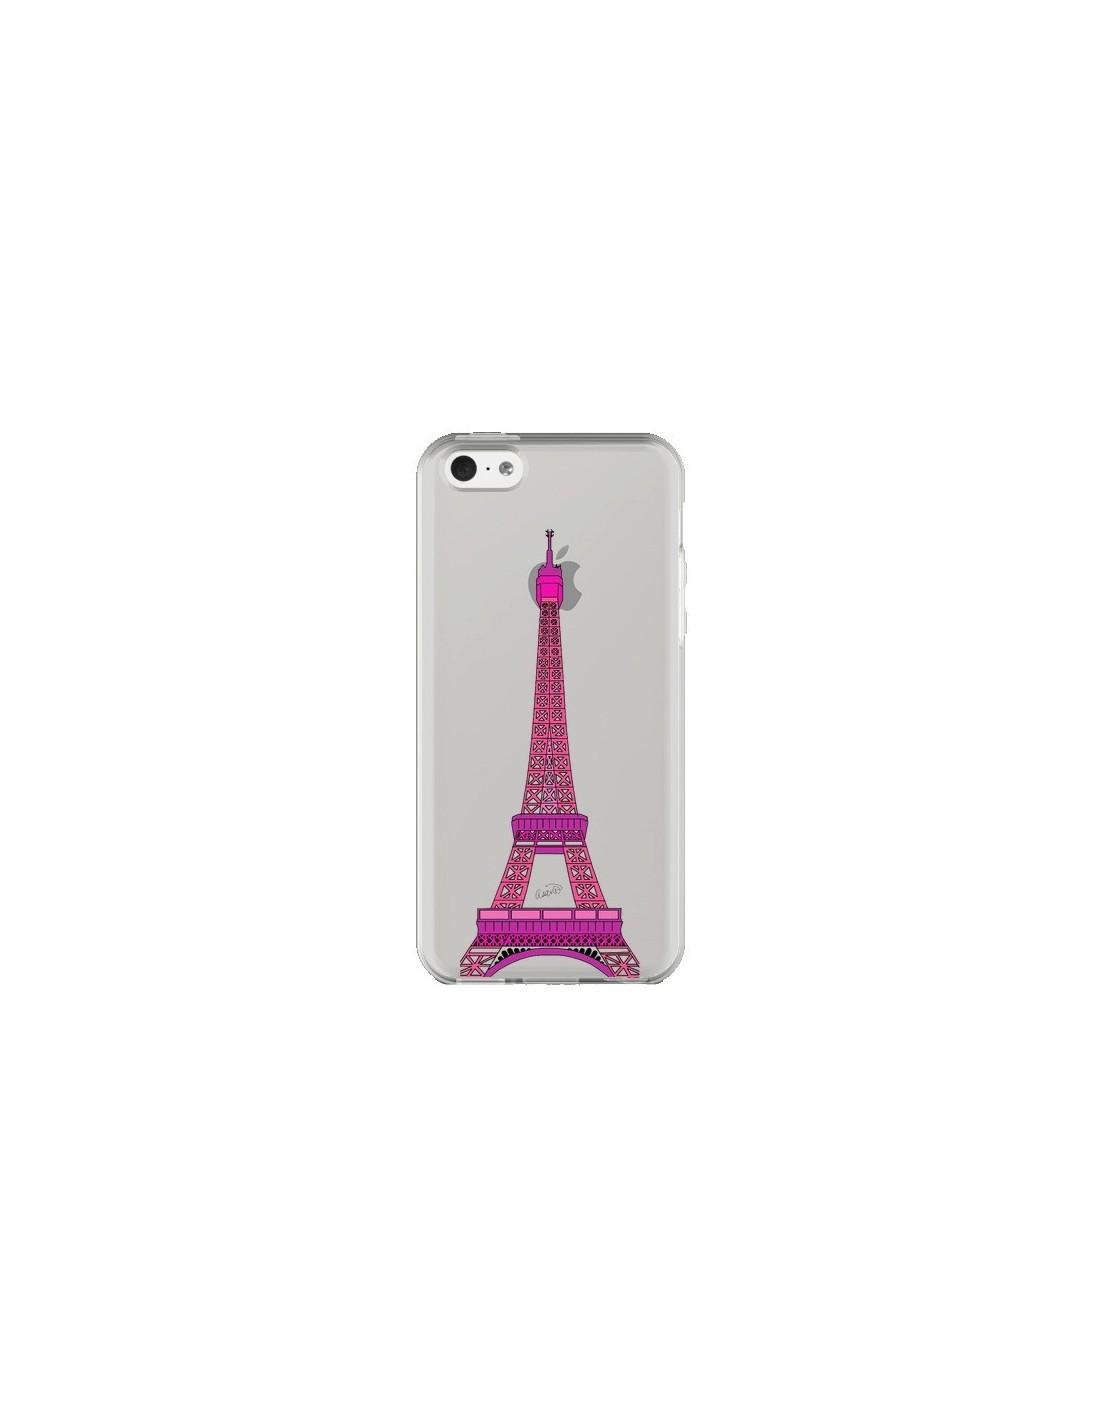 Coque iPhone 5C Tour Eiffel Rose Paris Transparente - Asano Yamazaki